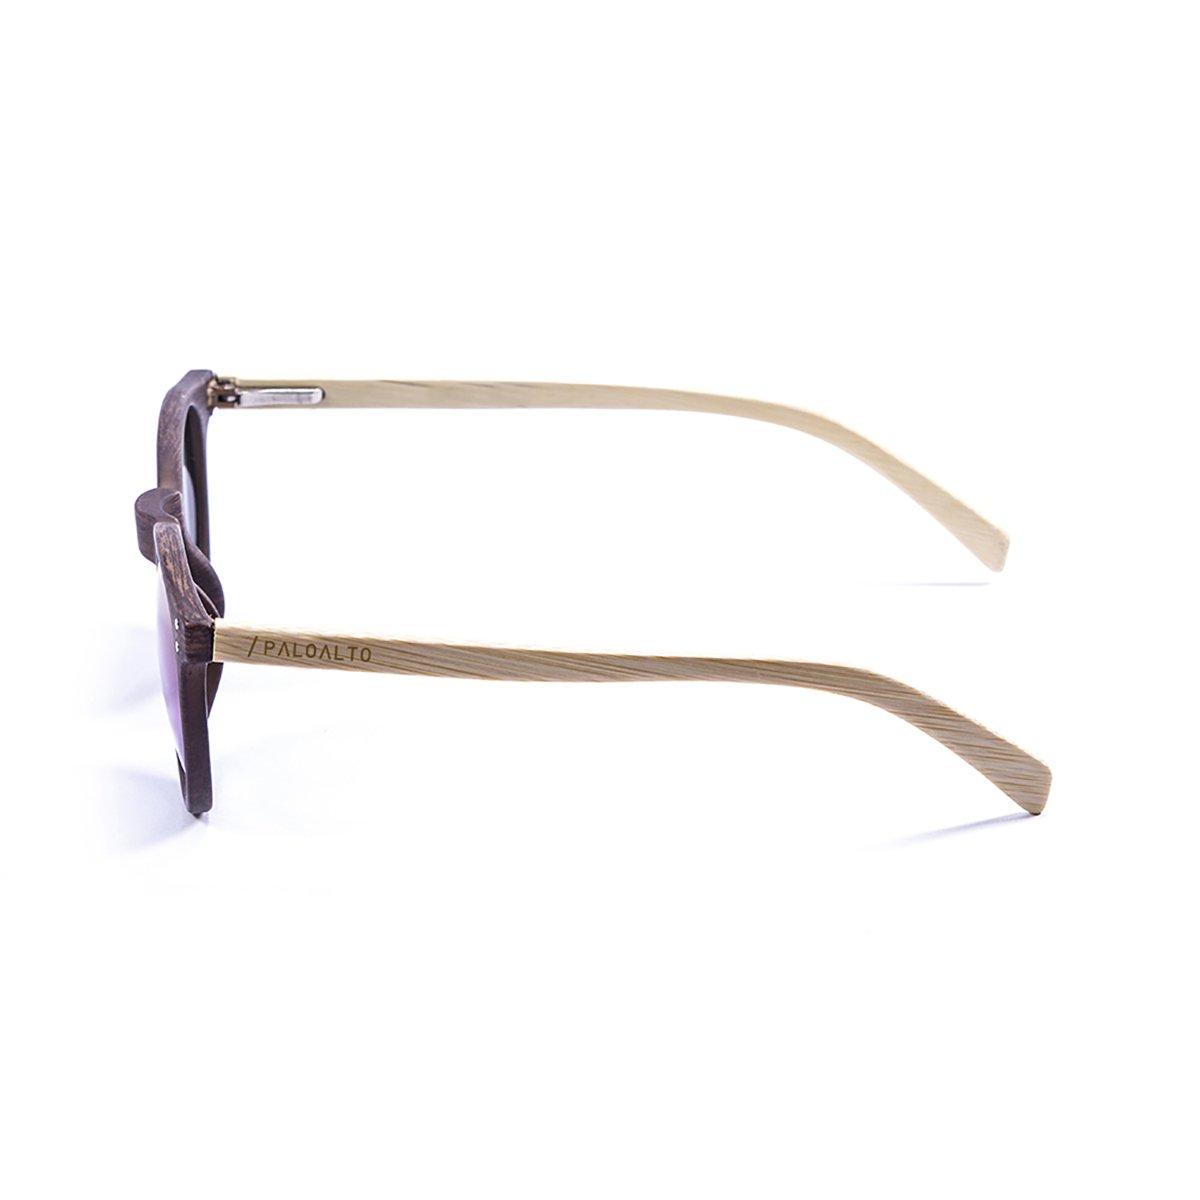 Paloalto Sunglasses P10390.3 Lunette de Soleil Mixte Adulte, Bleu